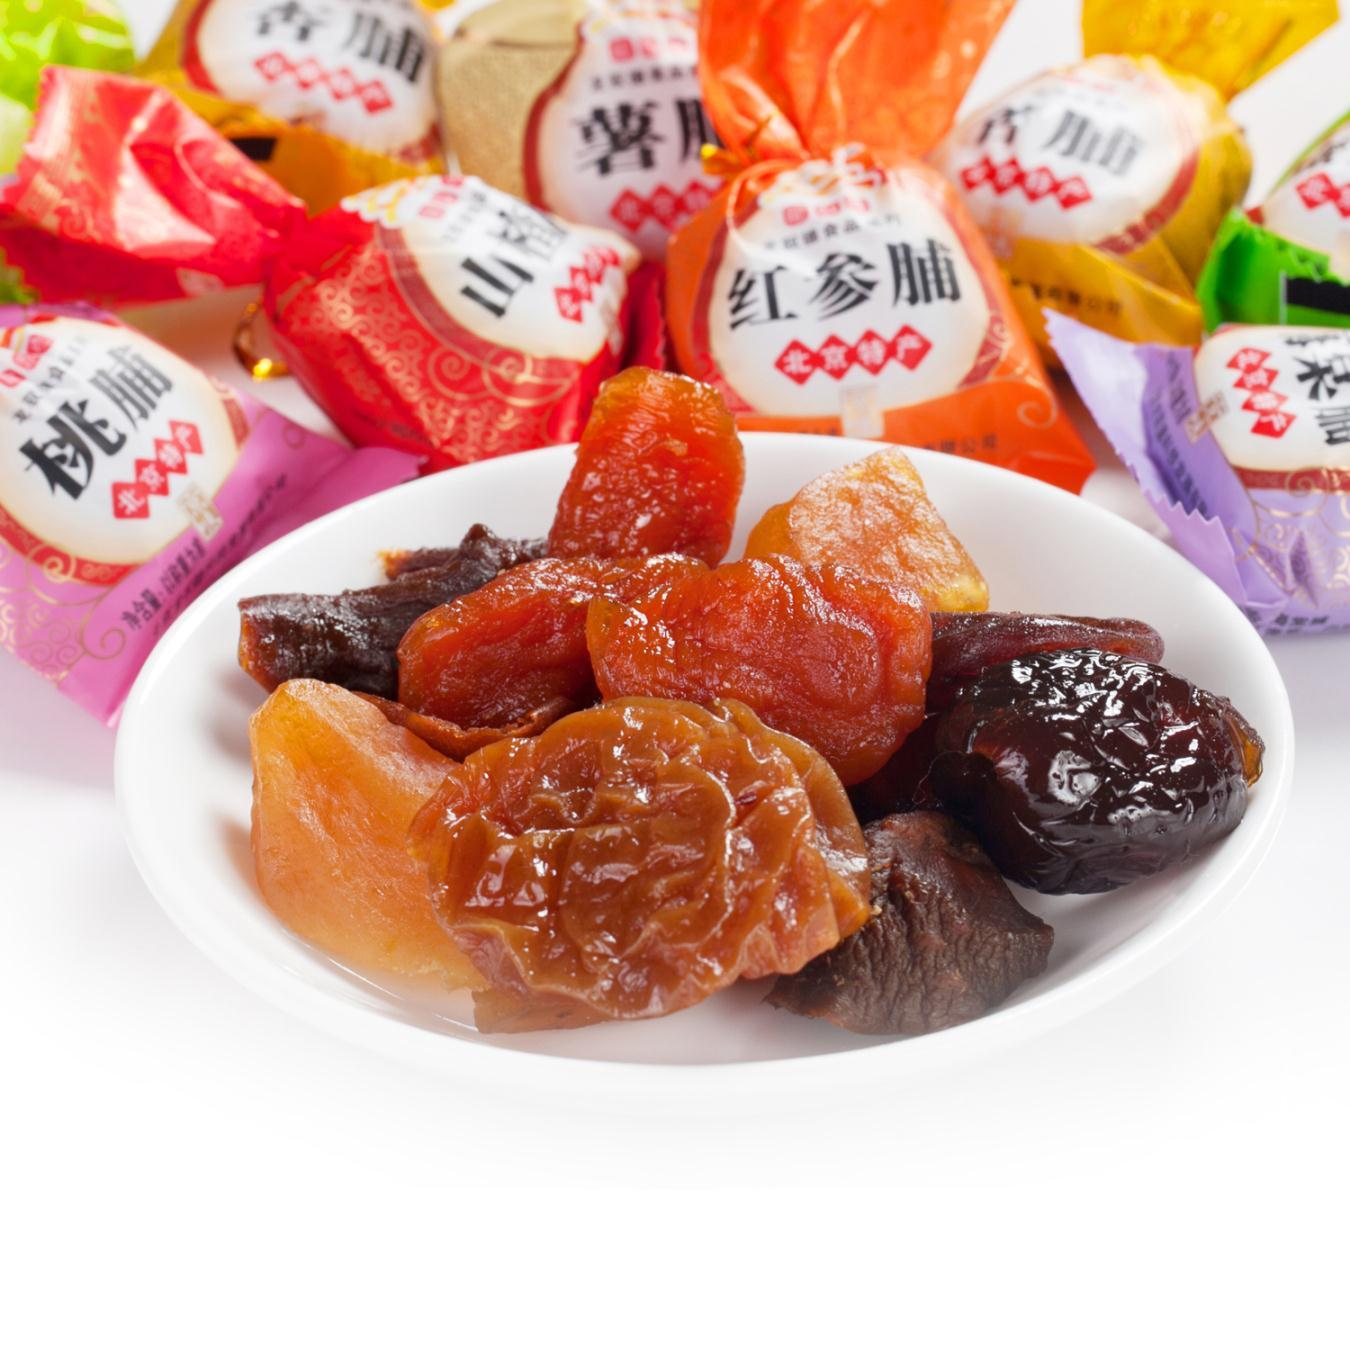 辅食/枣类/梅/蜜饯苹果干龙驭德食品店(大图)商品所在地:北京猪肝粥果干图片